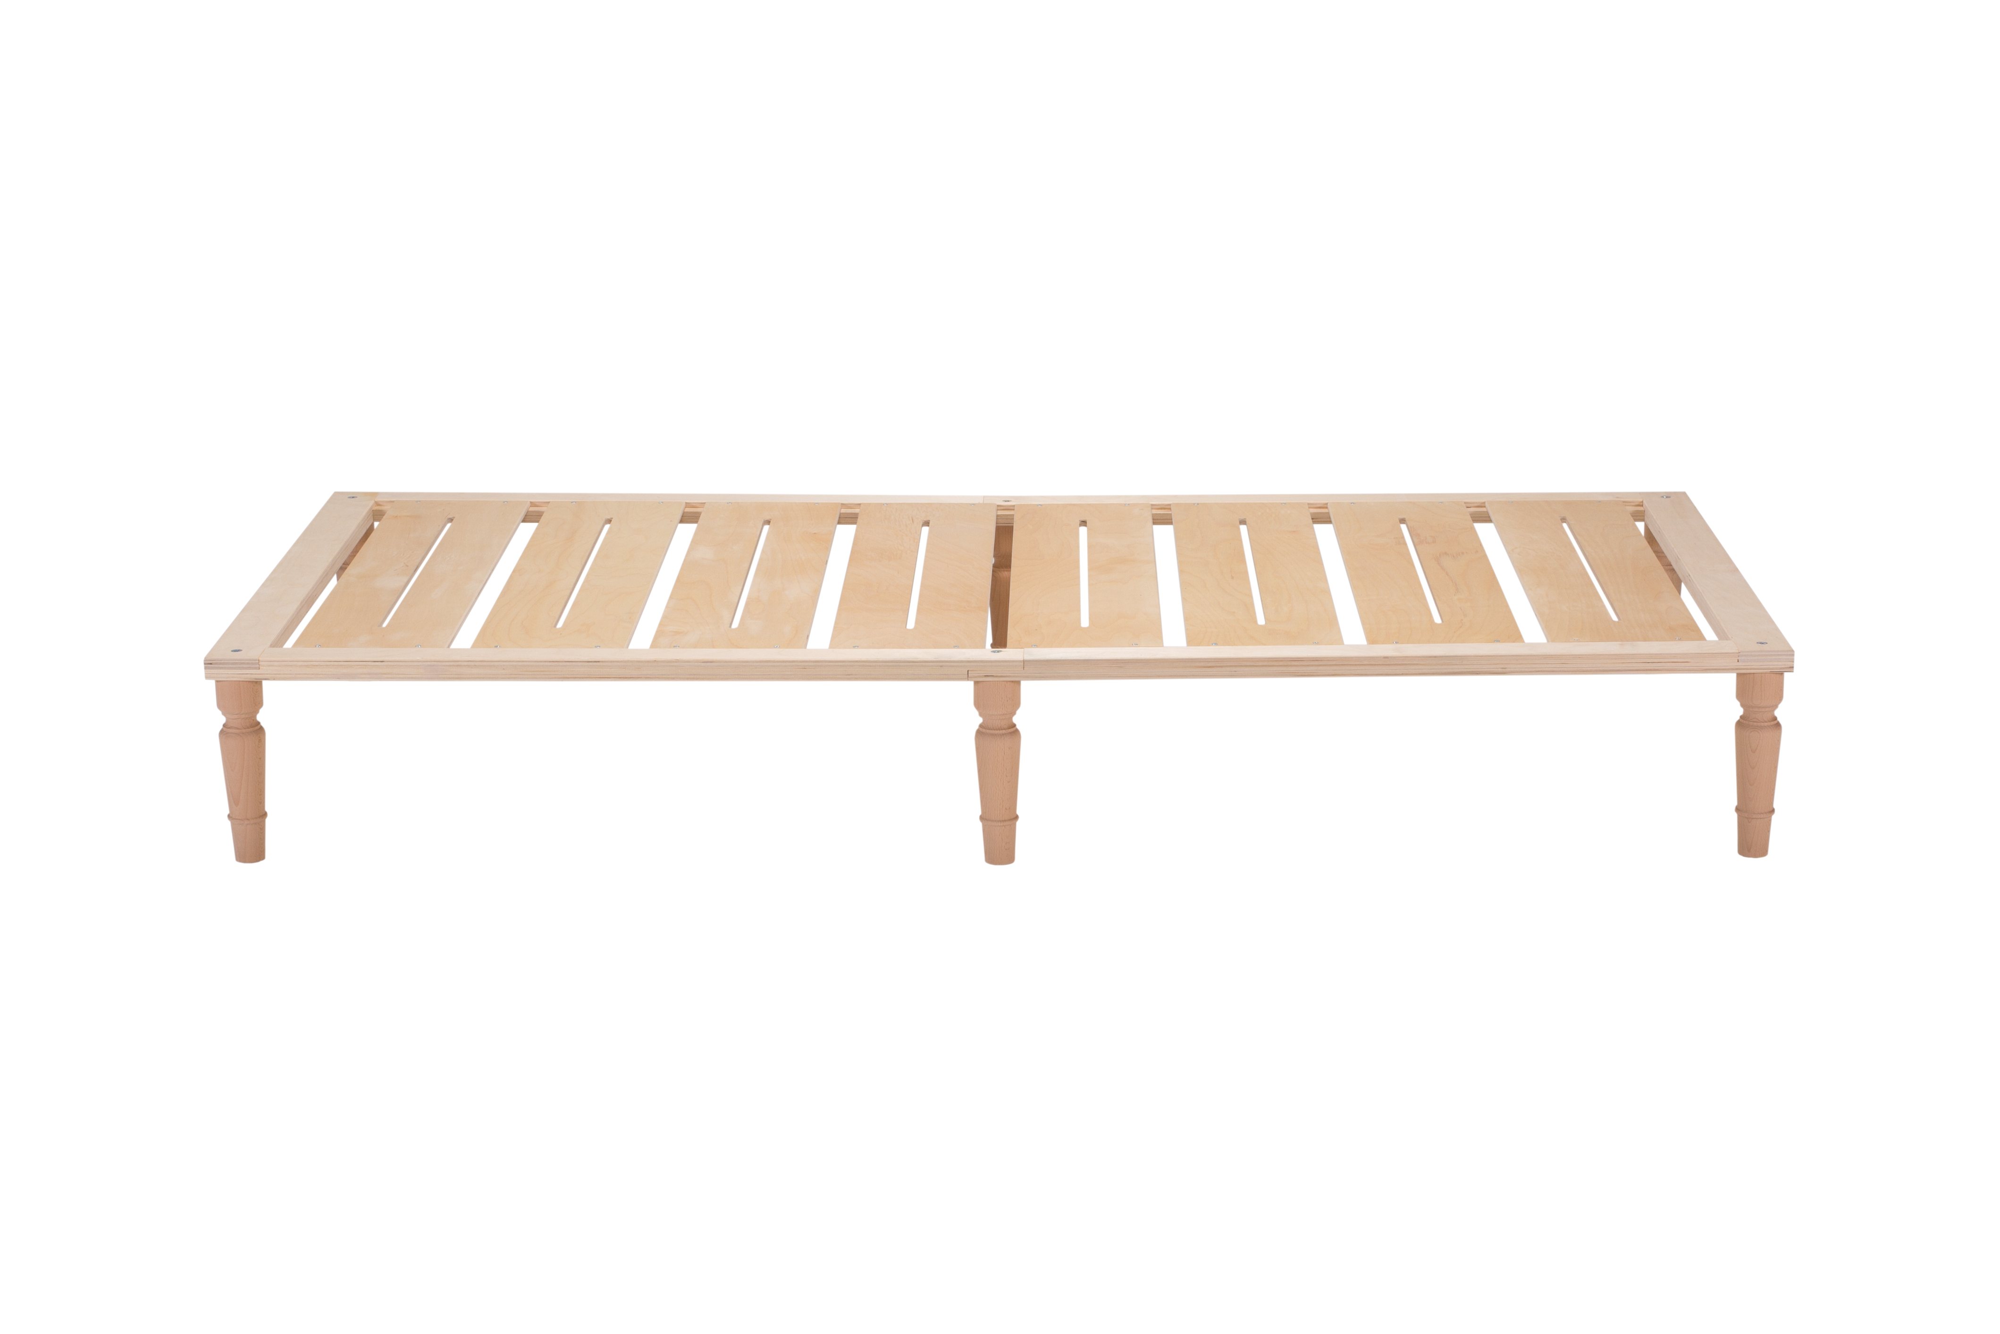 Gigapur 6-er Set 20019 Möbelfüße für Bettgestell G1 | Buche massiv | Höhe 25cm | Durchmesser ca. 6cm